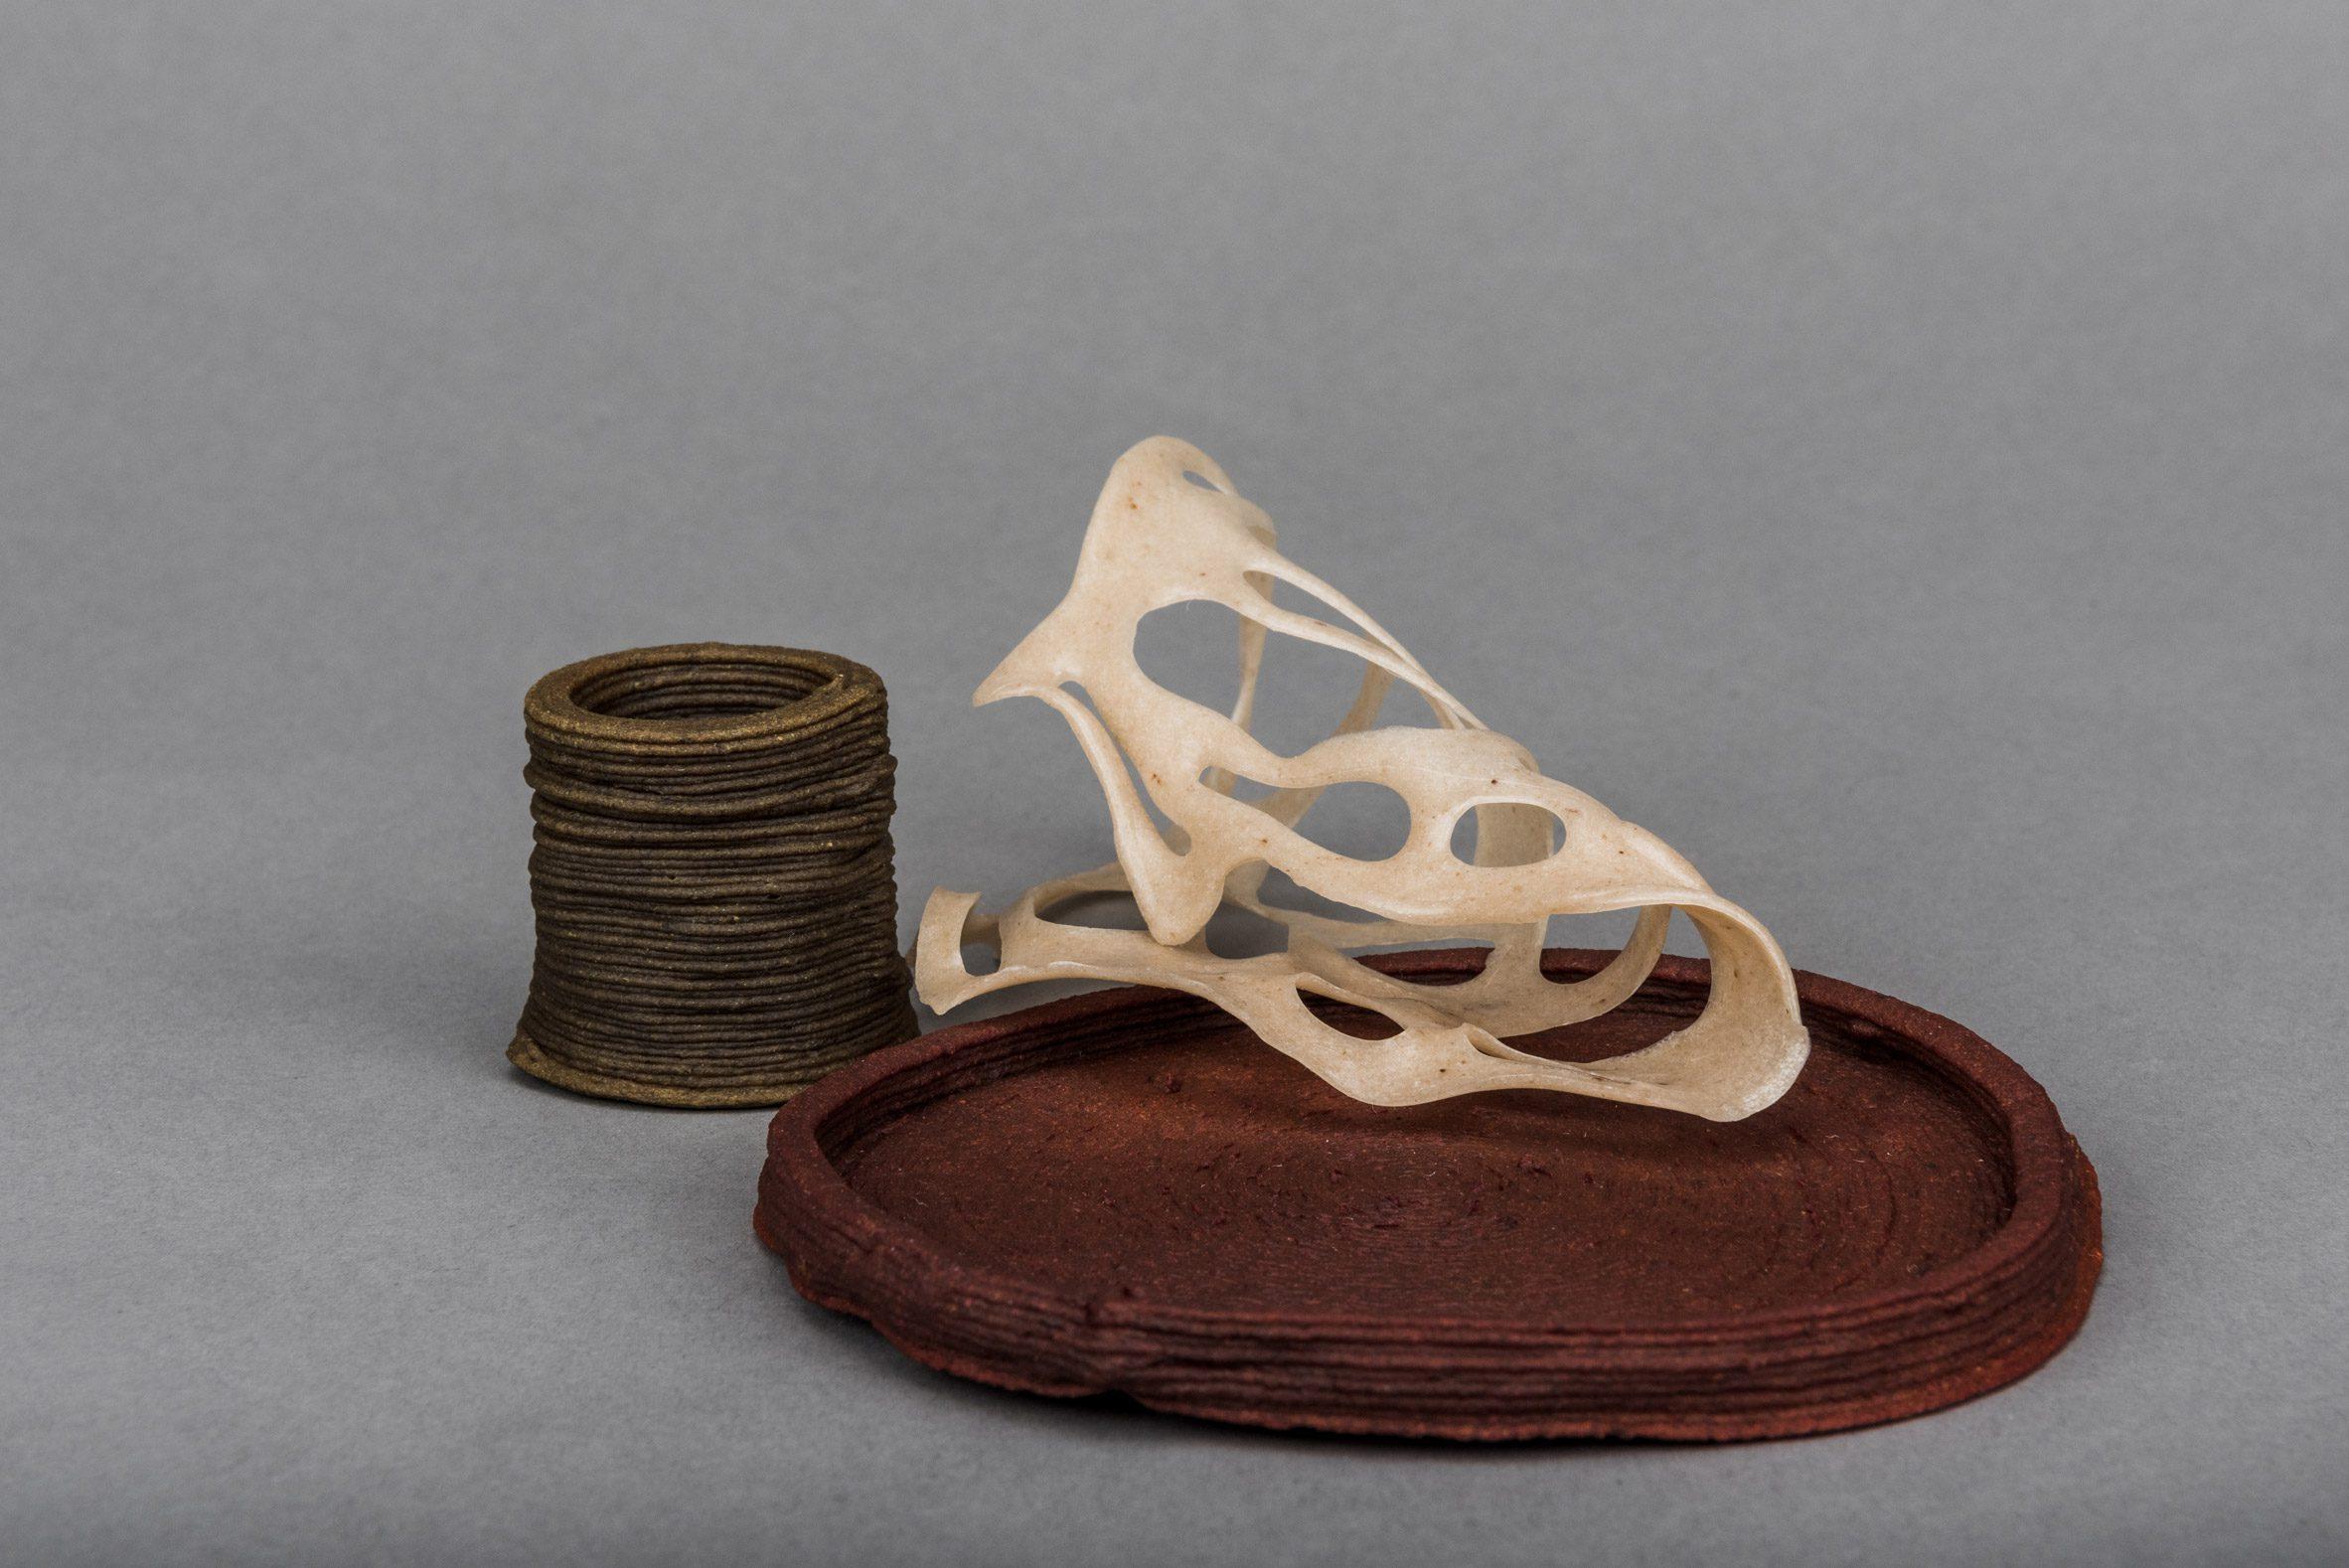 Taza, plato y escultura de la colección Wastewear